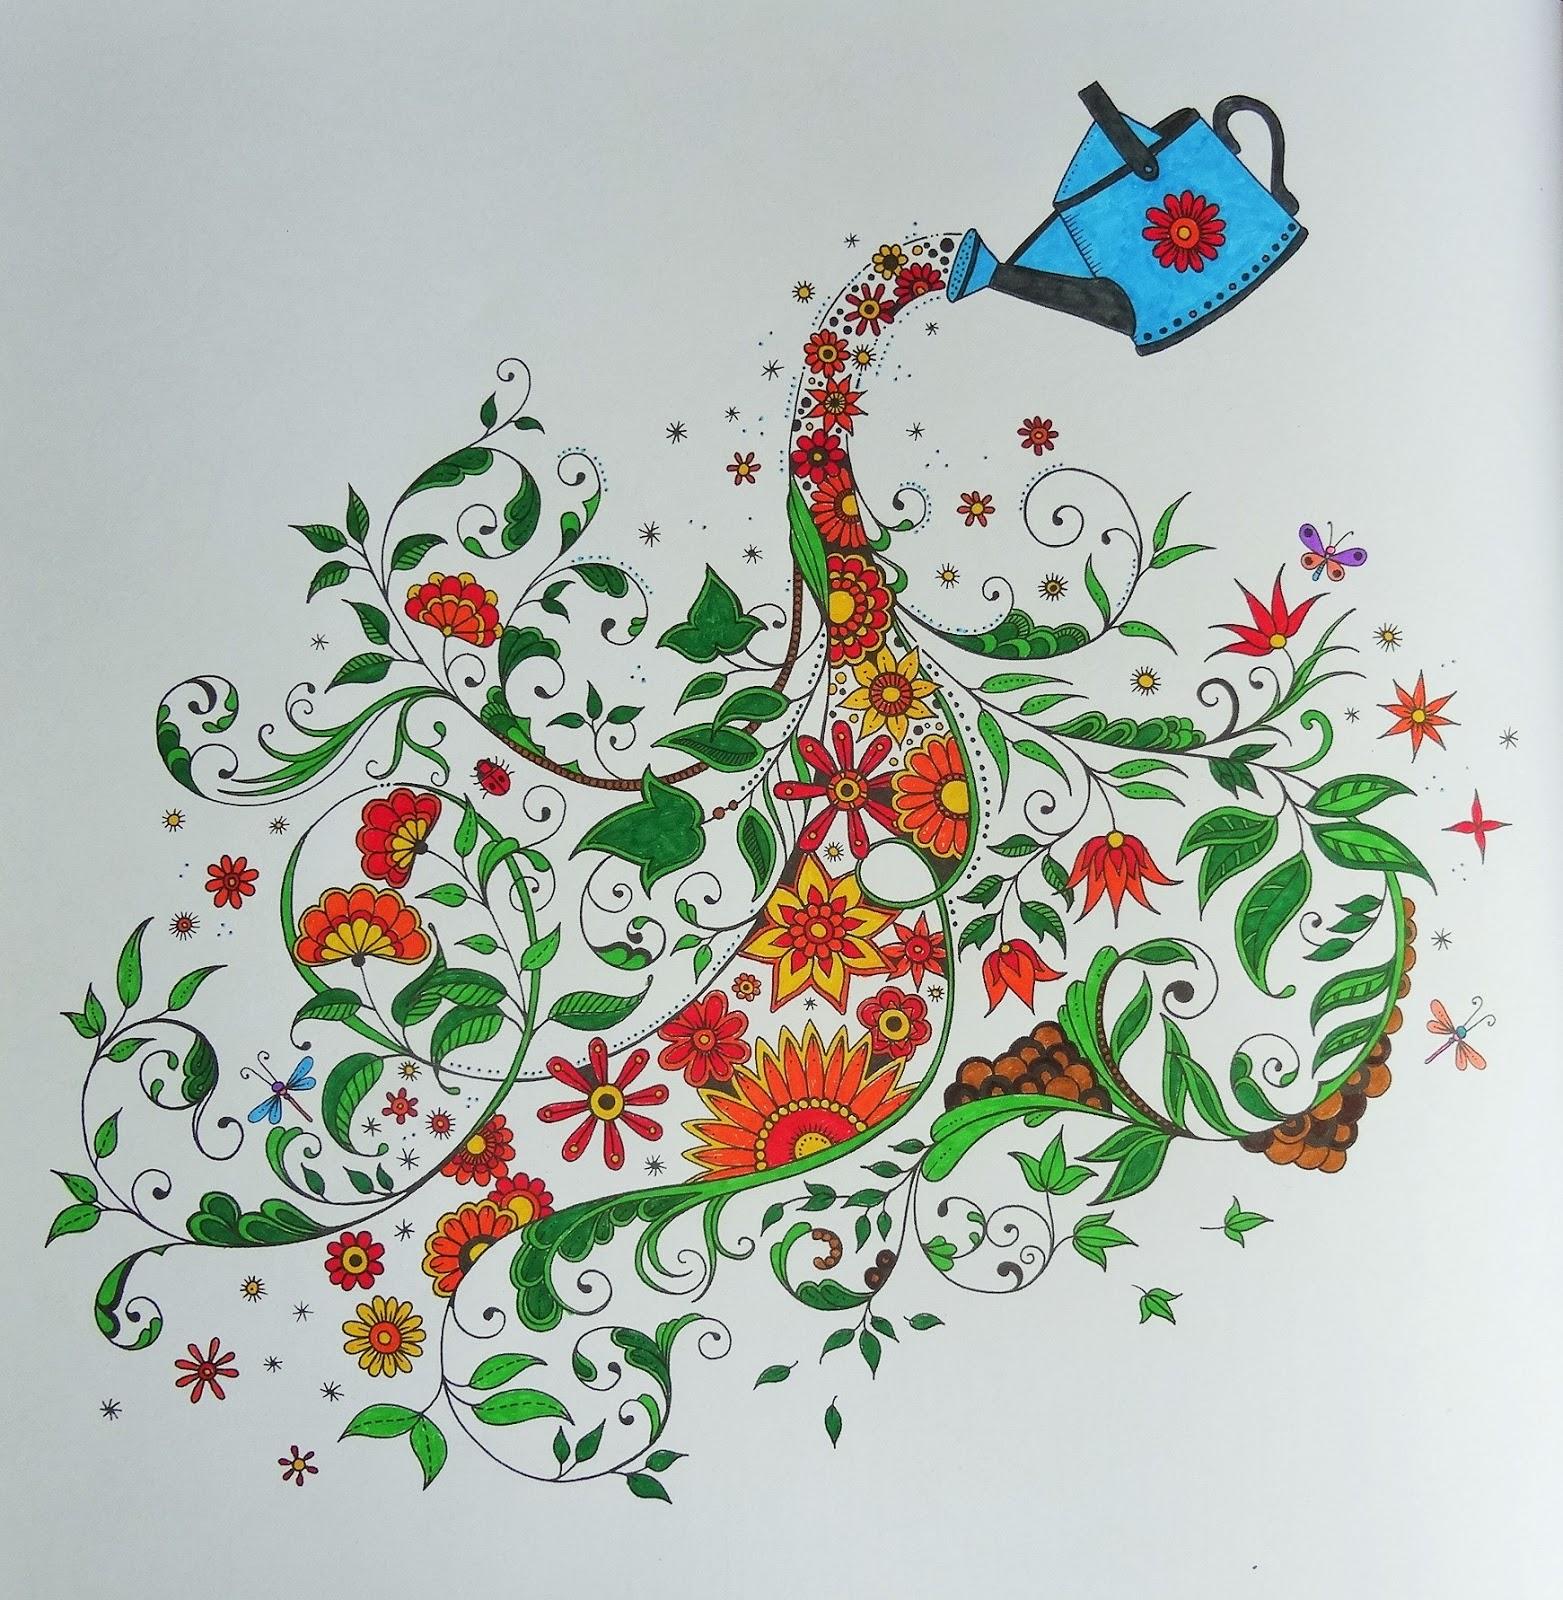 Les mercredis de julie coloriages art th rapie - Mon jardin secret coloriage ...